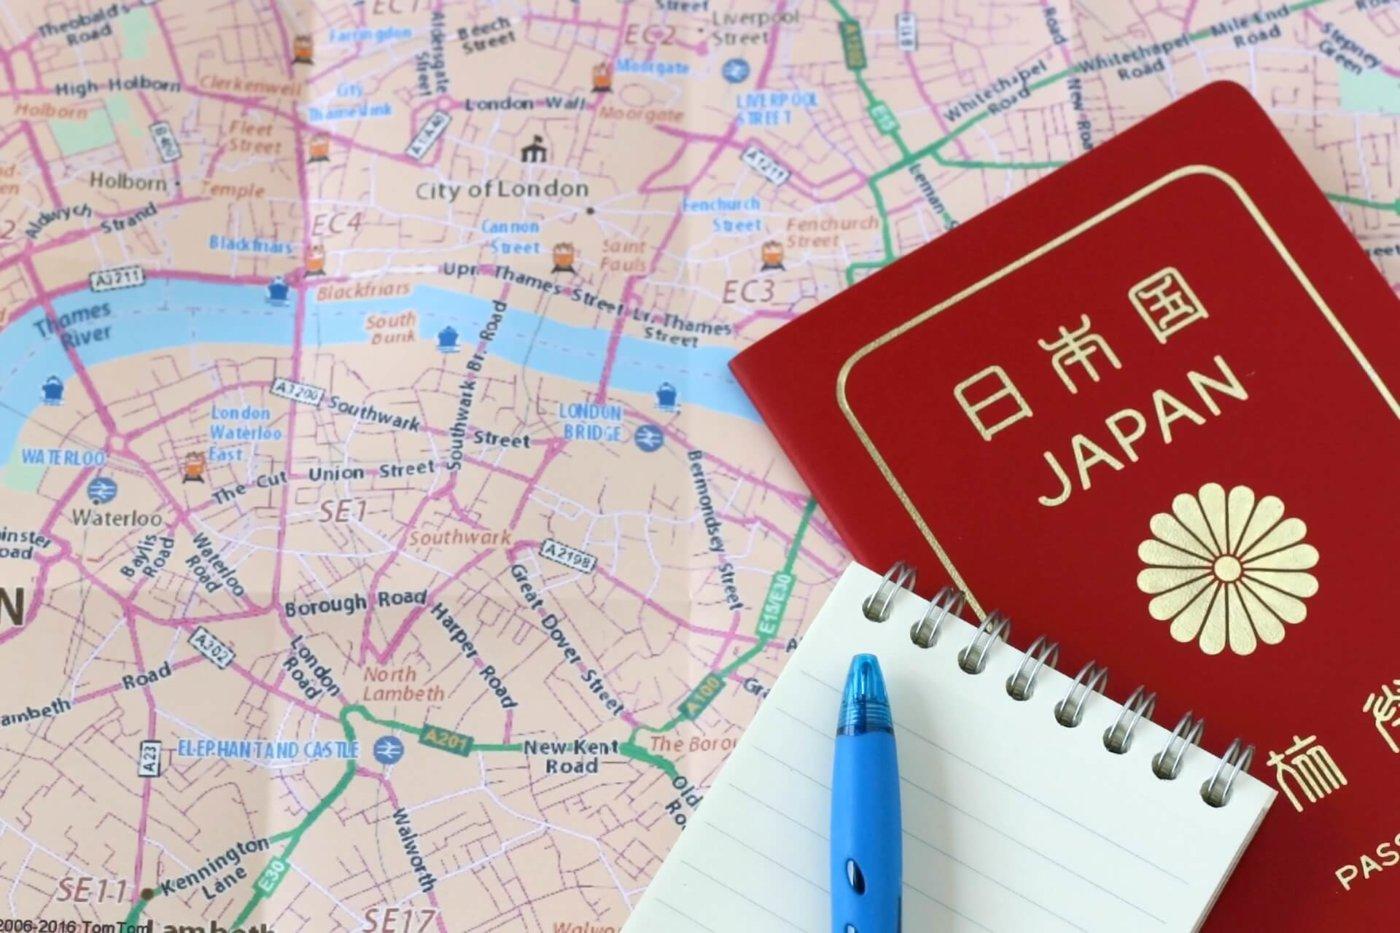 卒業旅行で海外を選ぶ5つの理由